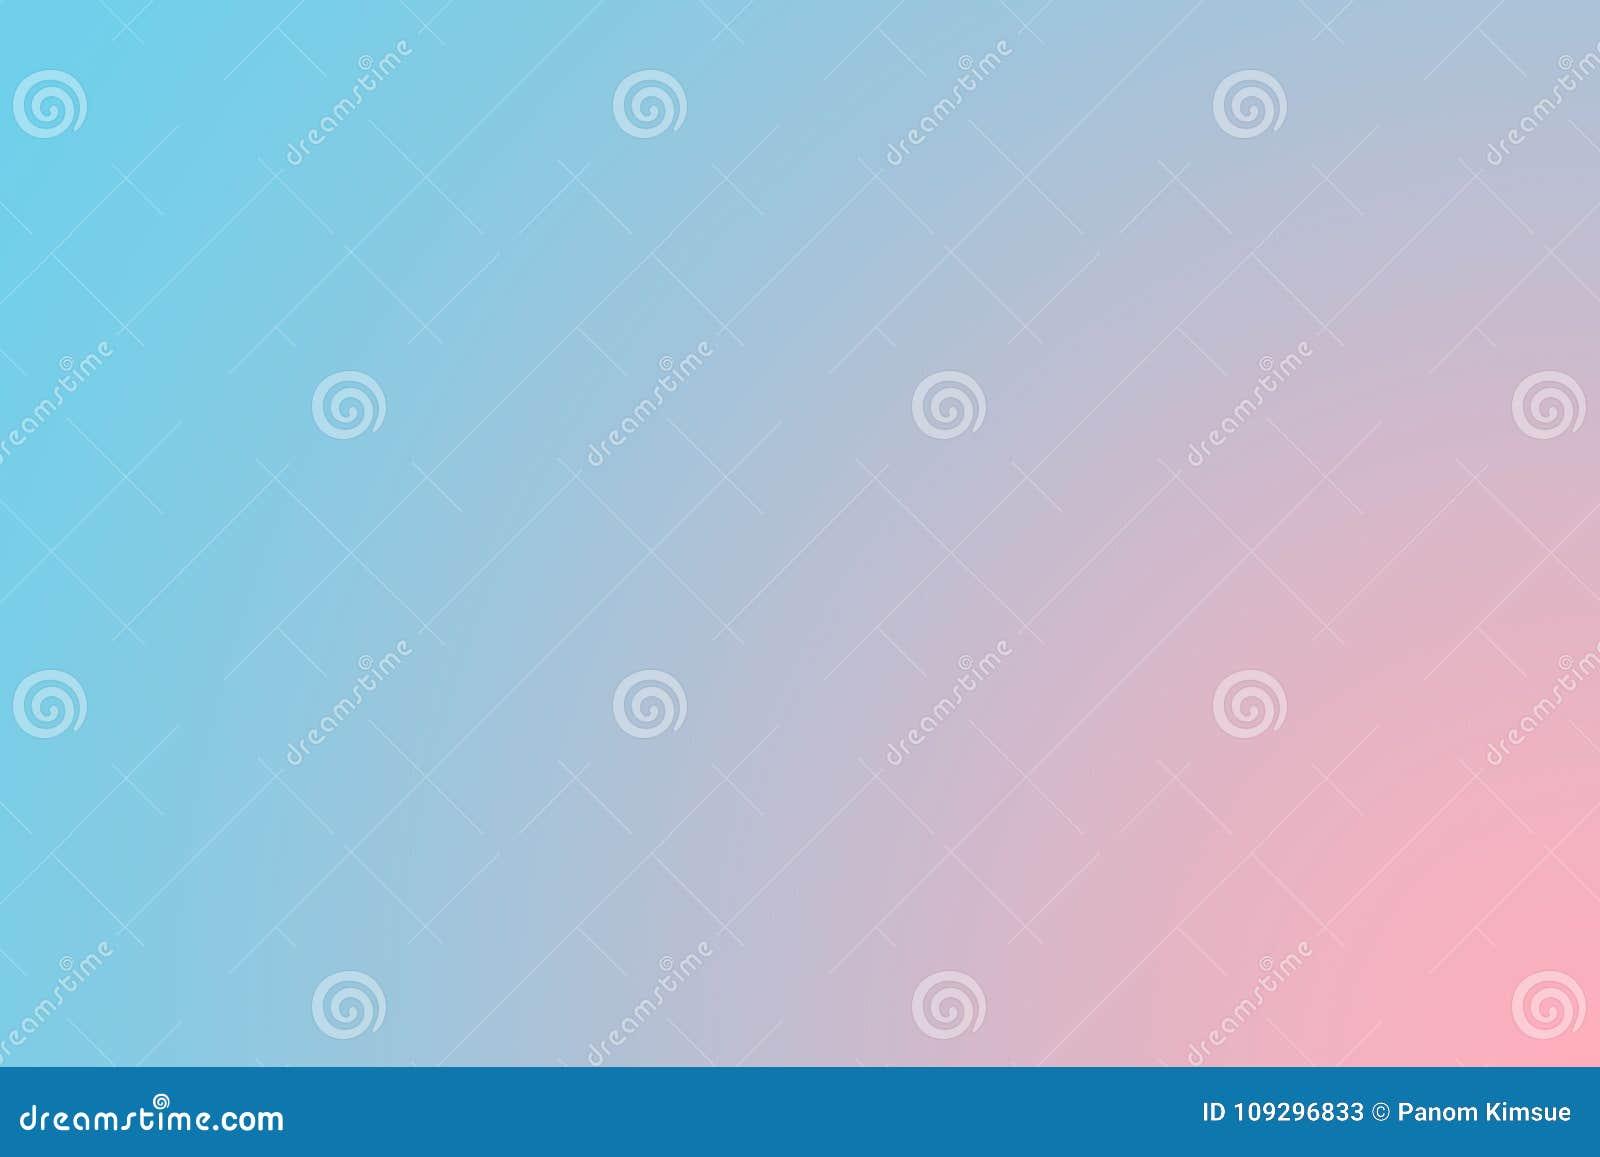 甜点软绵绵地弄脏了蓝色和桃红色淡色背景 抽象梯度桌面墙纸